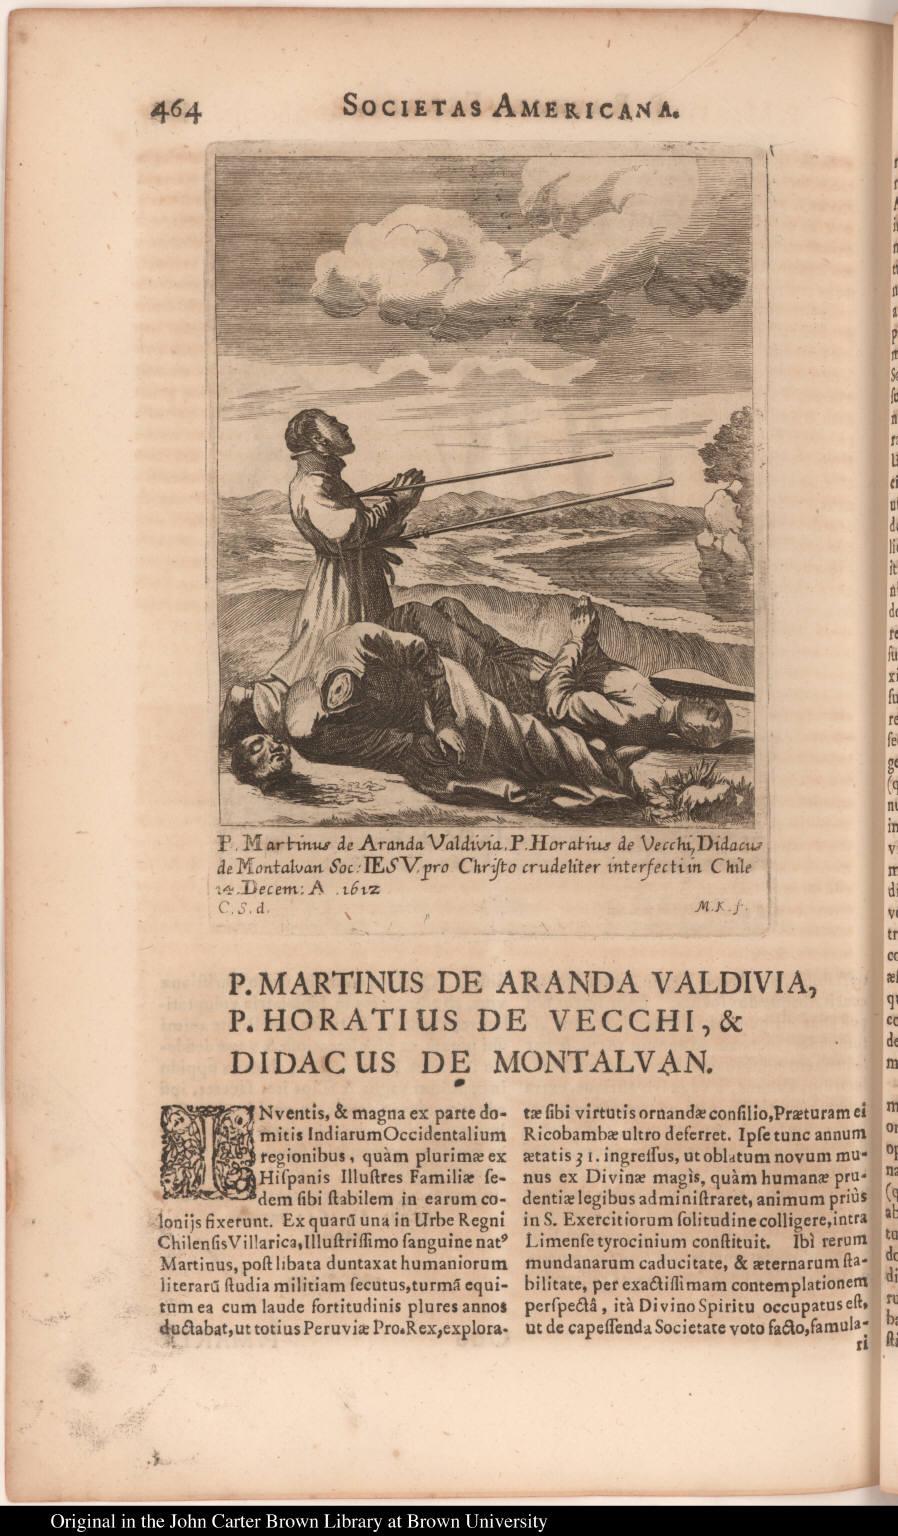 P. Martinus de Aranda Valdivia, P. Horatius de Vecchi, Didacus de Montalvan Soc: Iesu, pro Christo crudeliter interfecti in Chile 14. Decem: A 1612